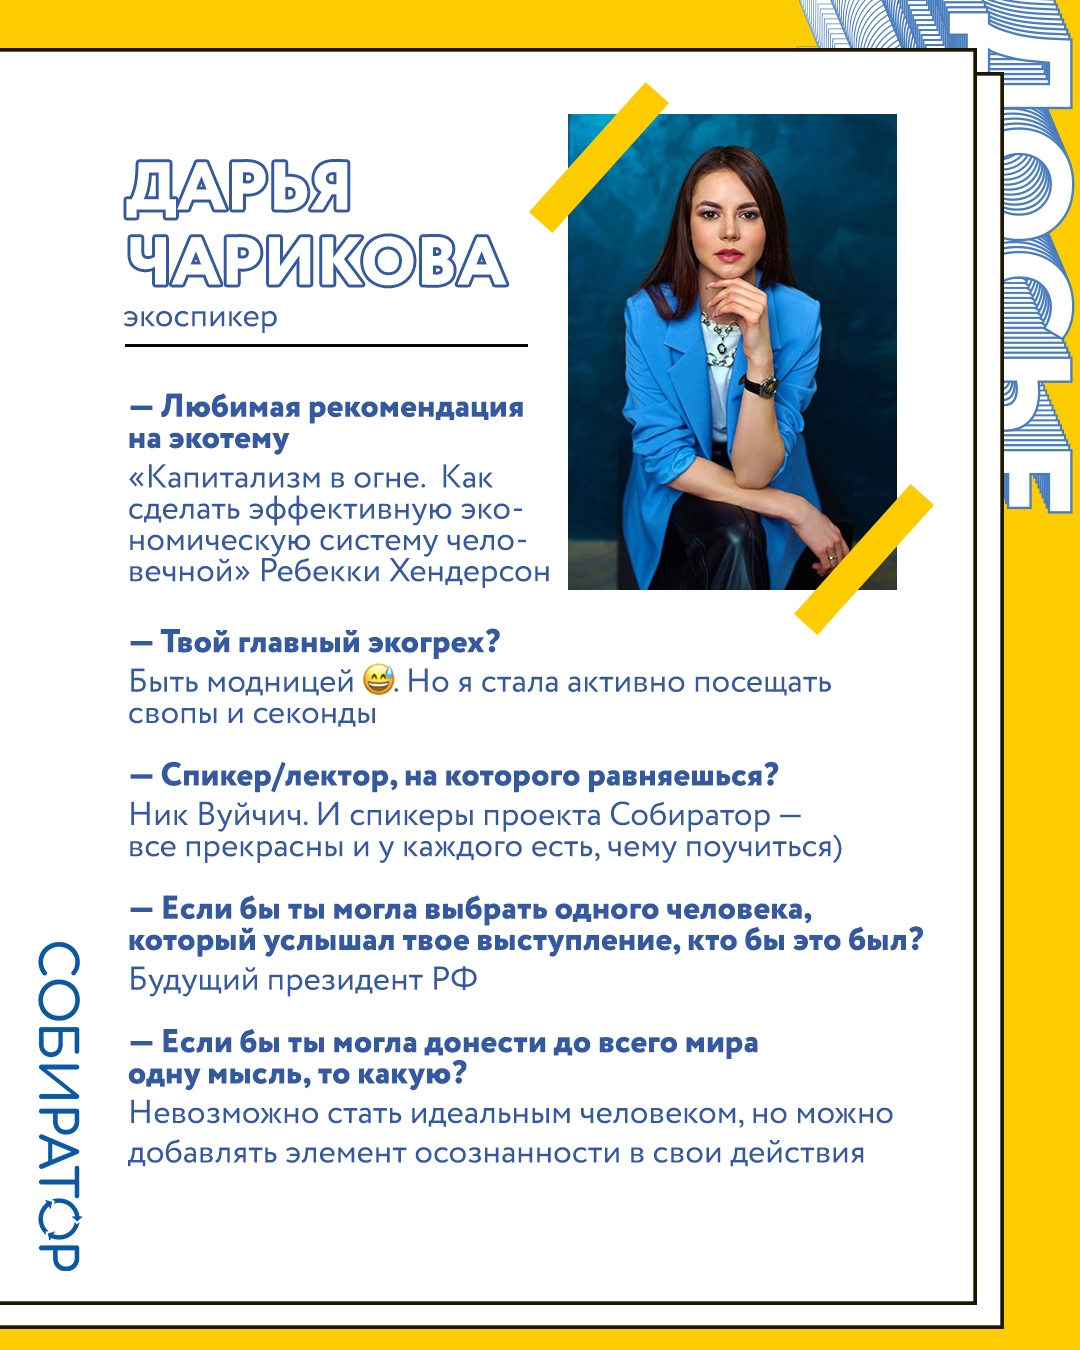 5.10_досье на экоспикеров_7